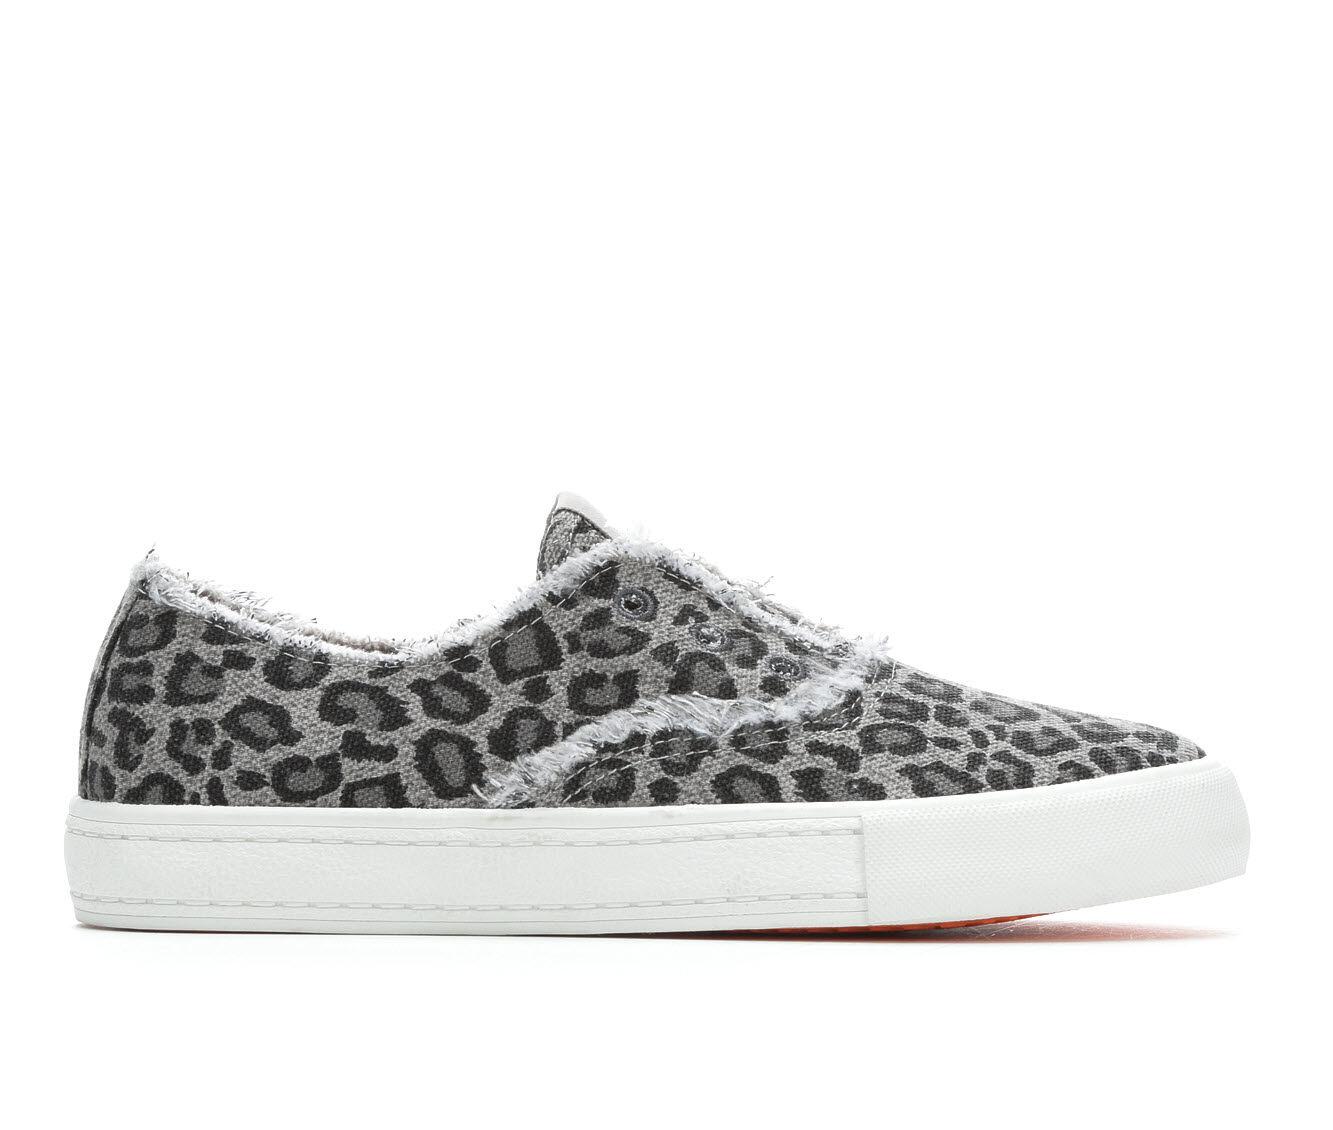 Women's Rocket Dog Afina Sneakers Grey Leopard